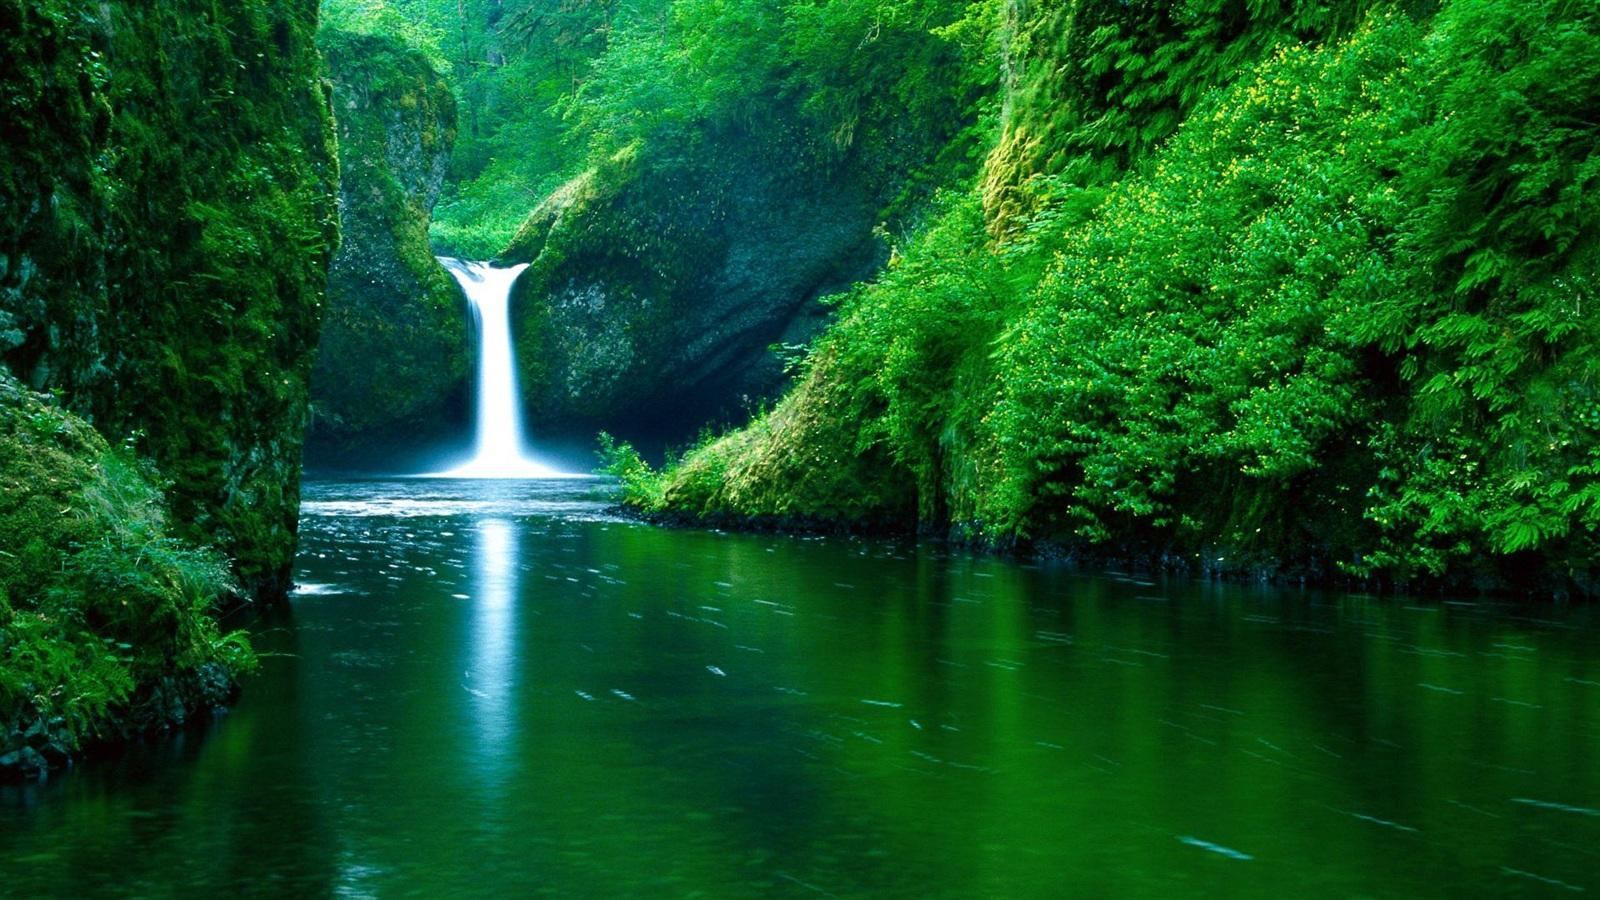 壁紙 滝 川 緑 19x1080 Full Hd 2k 無料のデスクトップの背景 画像